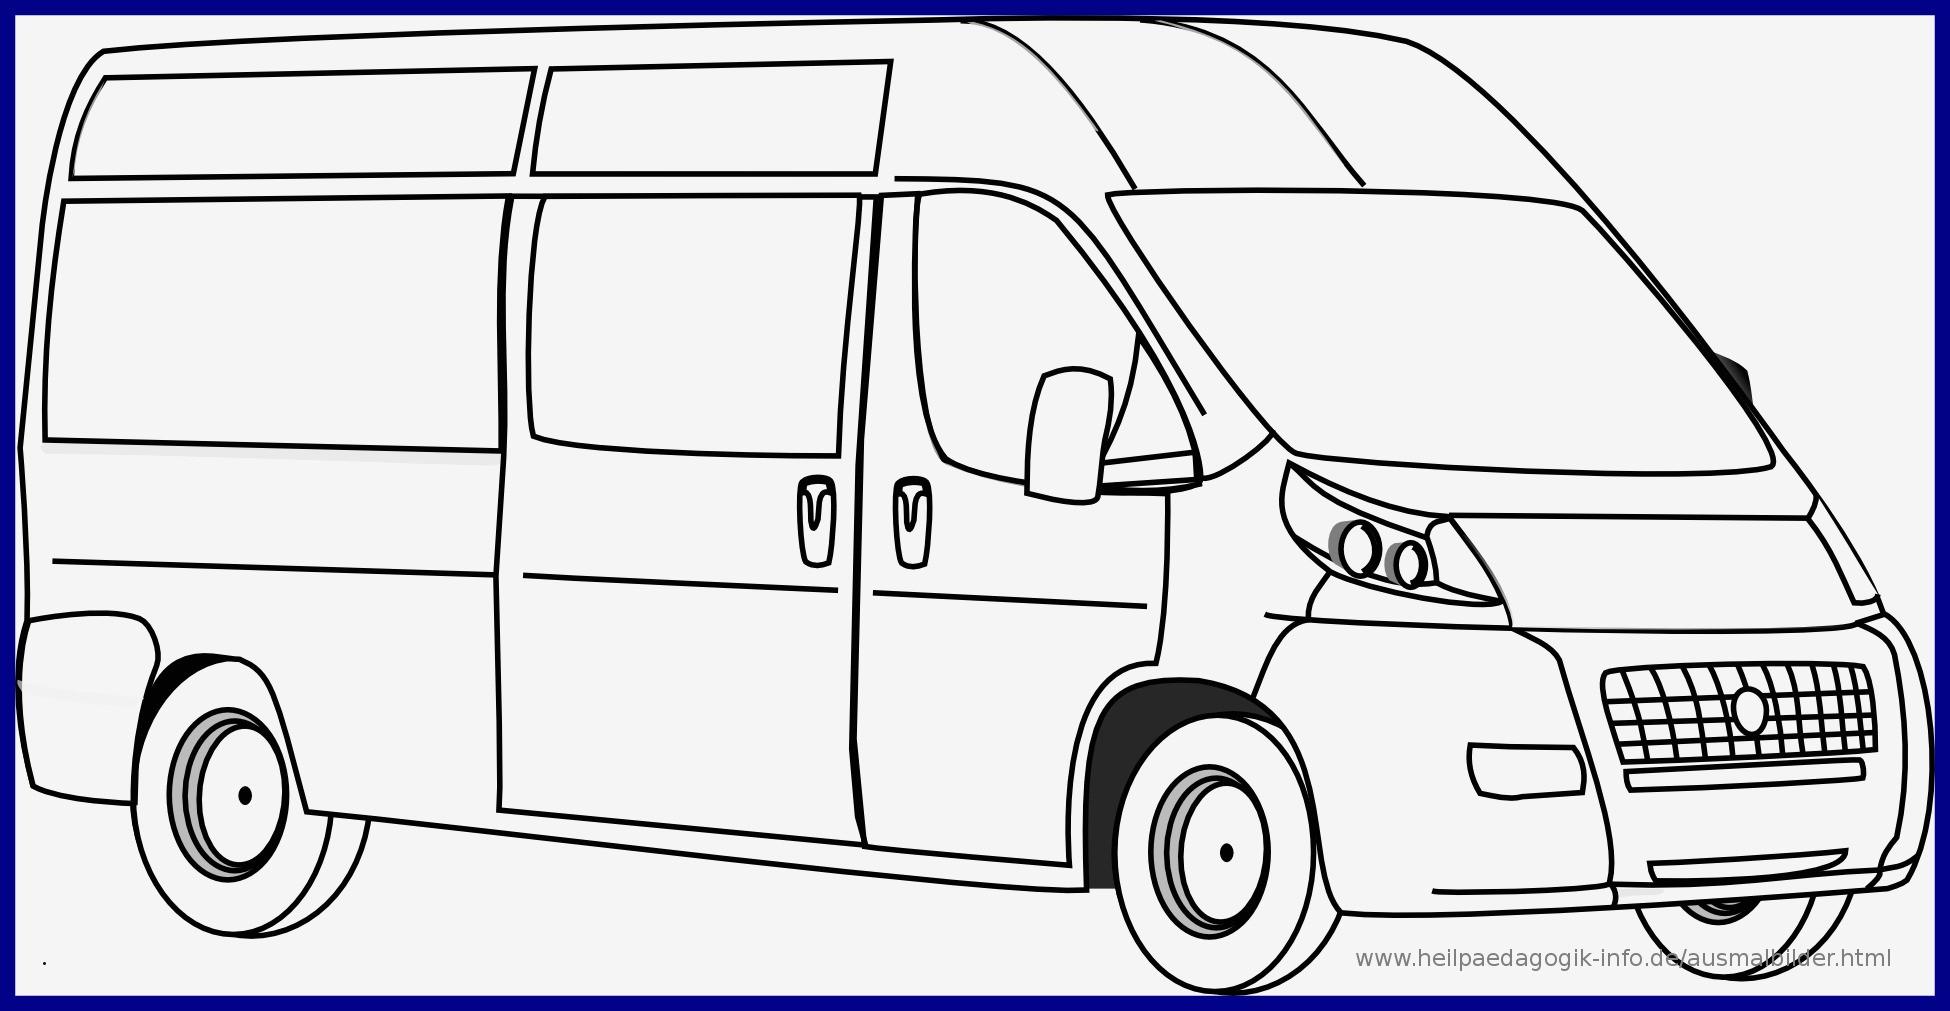 Lightning Mcqueen Malvorlage Einzigartig 52 Beispiel Cars Ausmalbilder Lightning Mcqueen Treehouse Nyc Bild